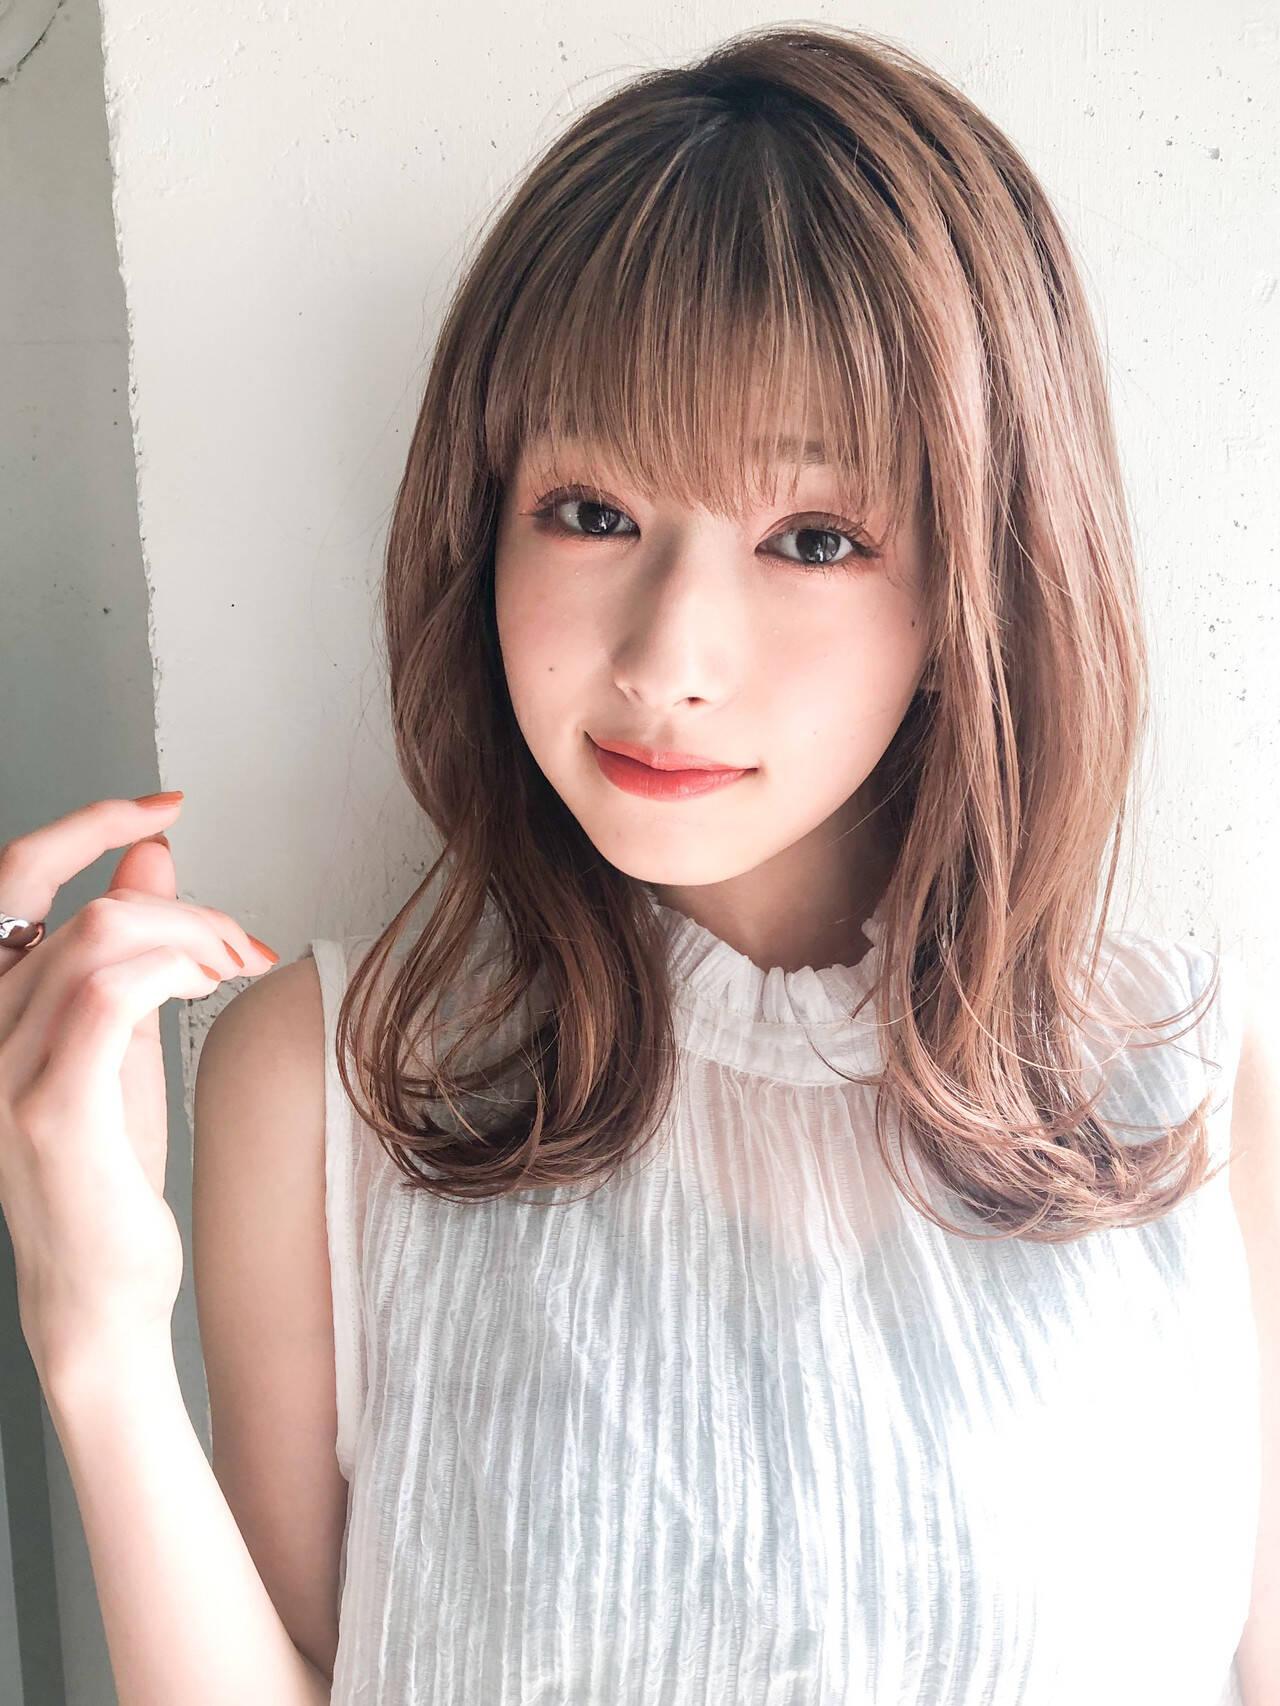 ストレート パーマ デジタルパーマ 前髪ありヘアスタイルや髪型の写真・画像